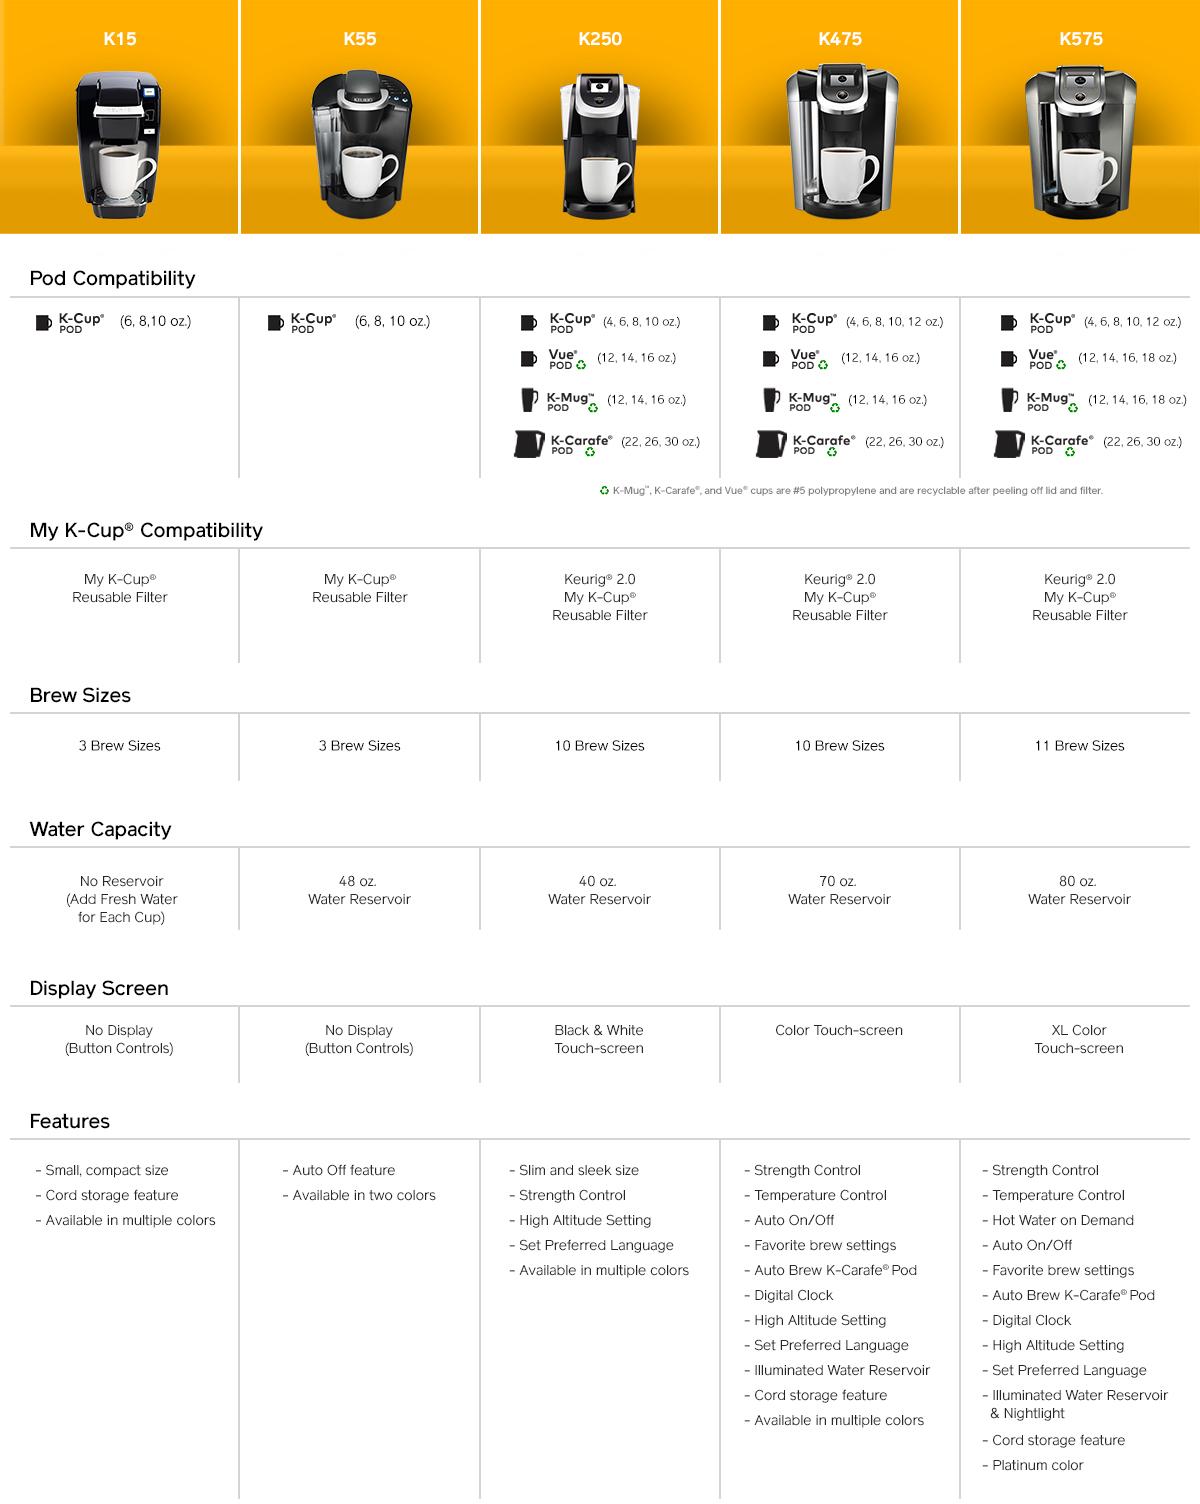 Keurig® K575 Plus Series Coffee Maker | Keurig® 2.0 Single Serve